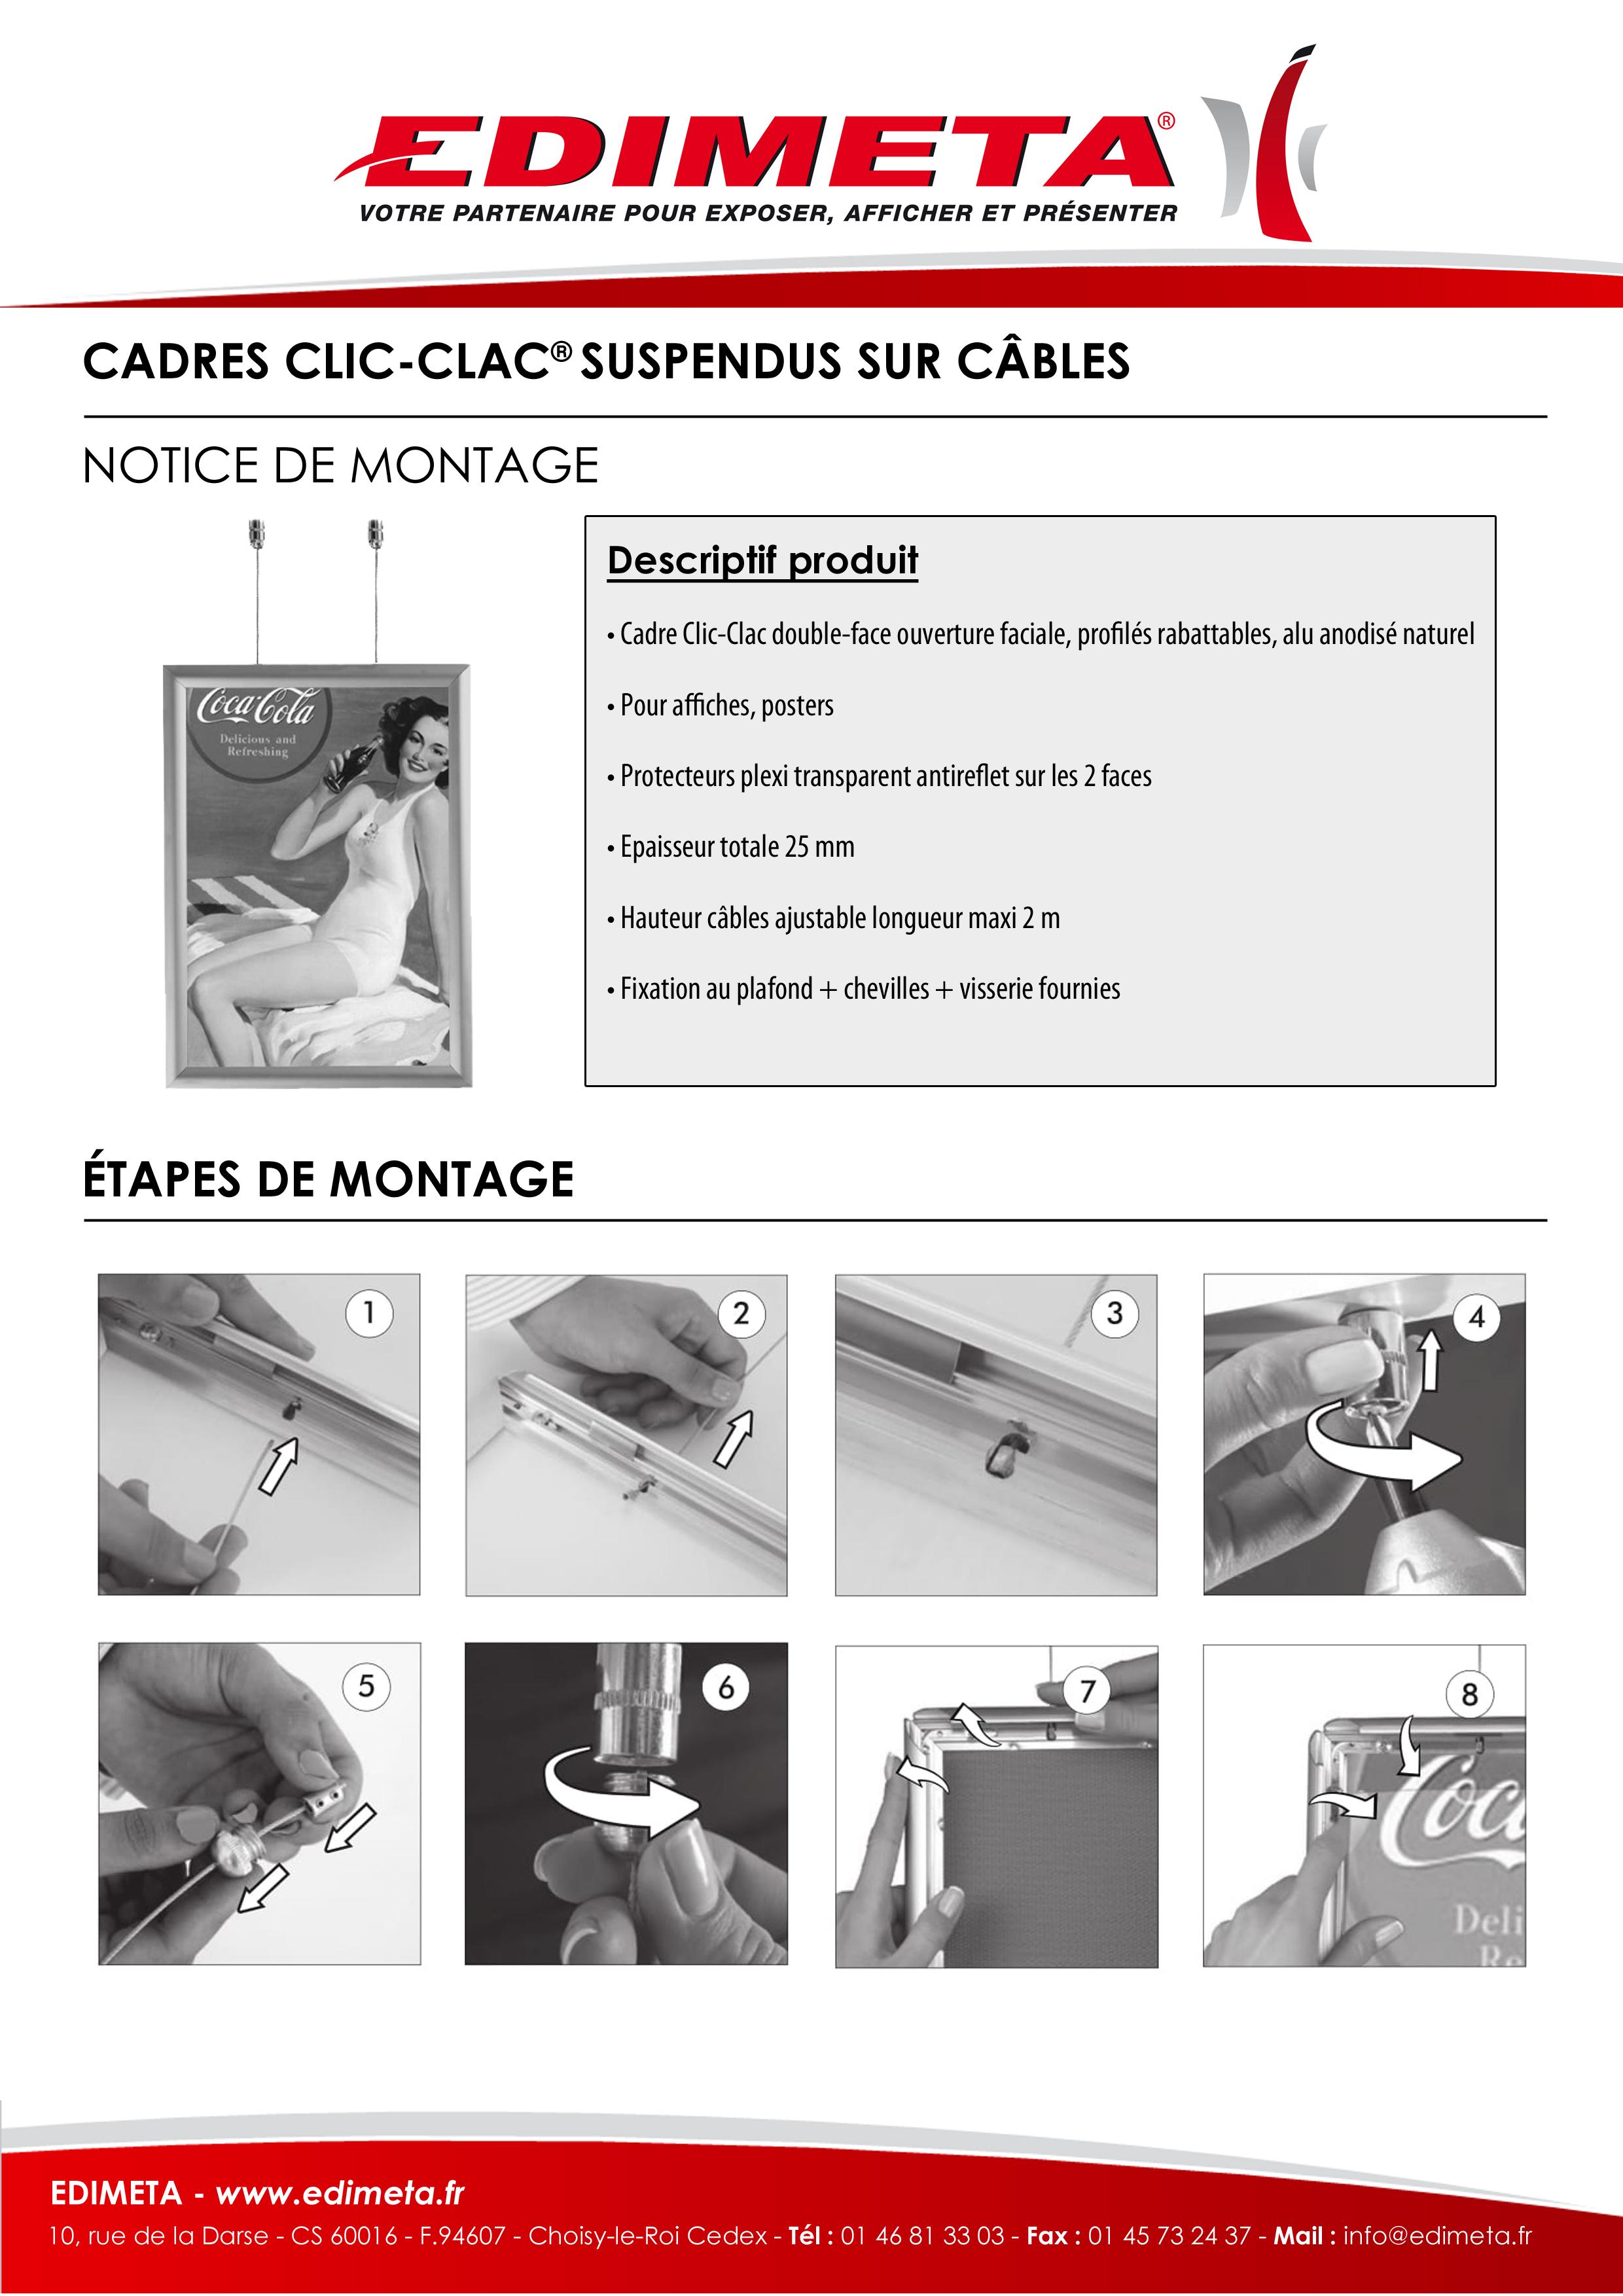 NOTICE DE MONTAGE : CADRES CLIC-CLAC® SUSPENDUS SUR CÂBLES